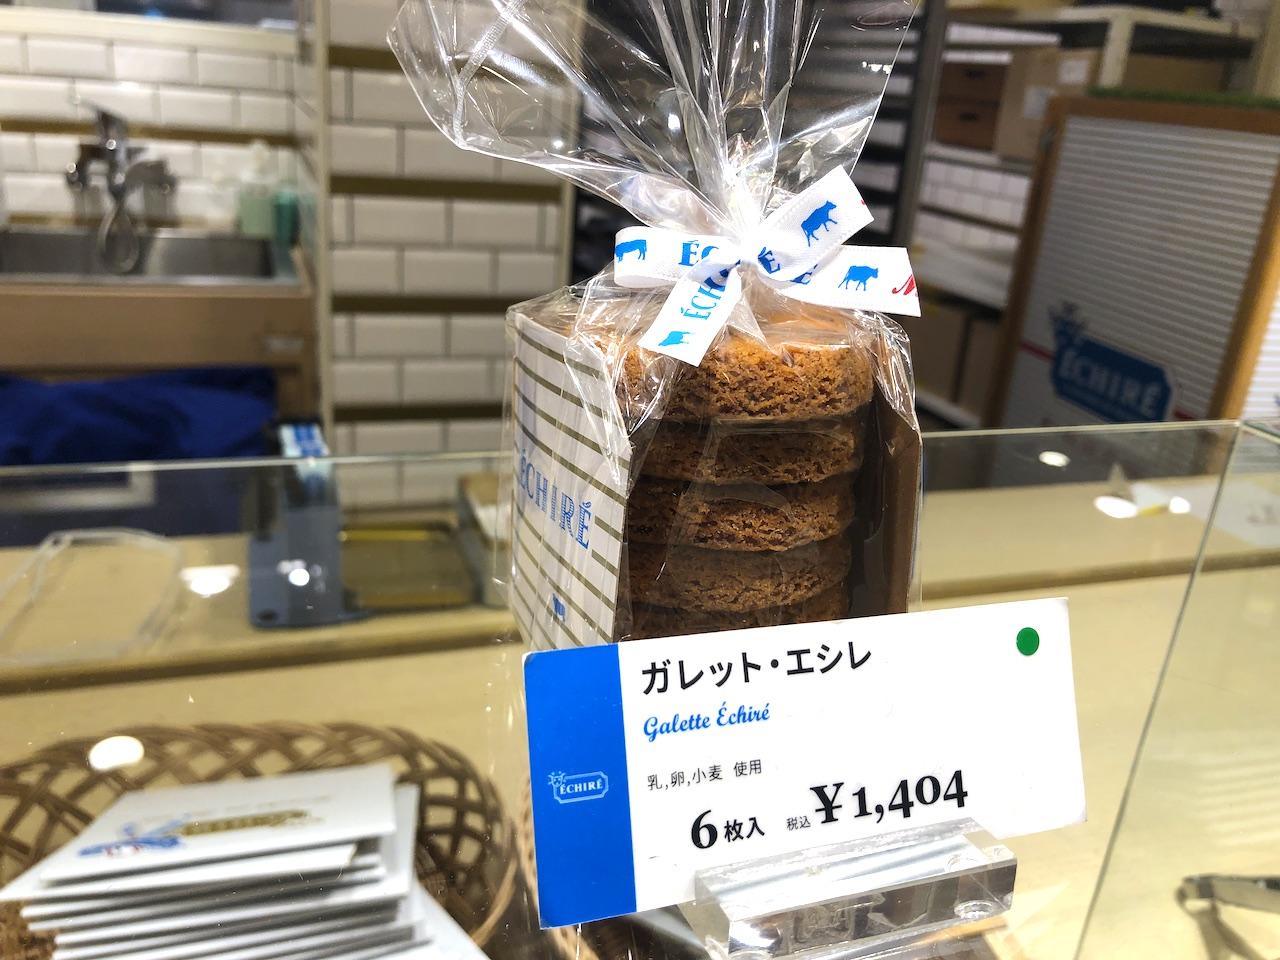 土産 大阪 2019 お ランキング 大阪の人気おすすめお土産ランキングTOP10!名産グルメやおしゃれ雑貨は?